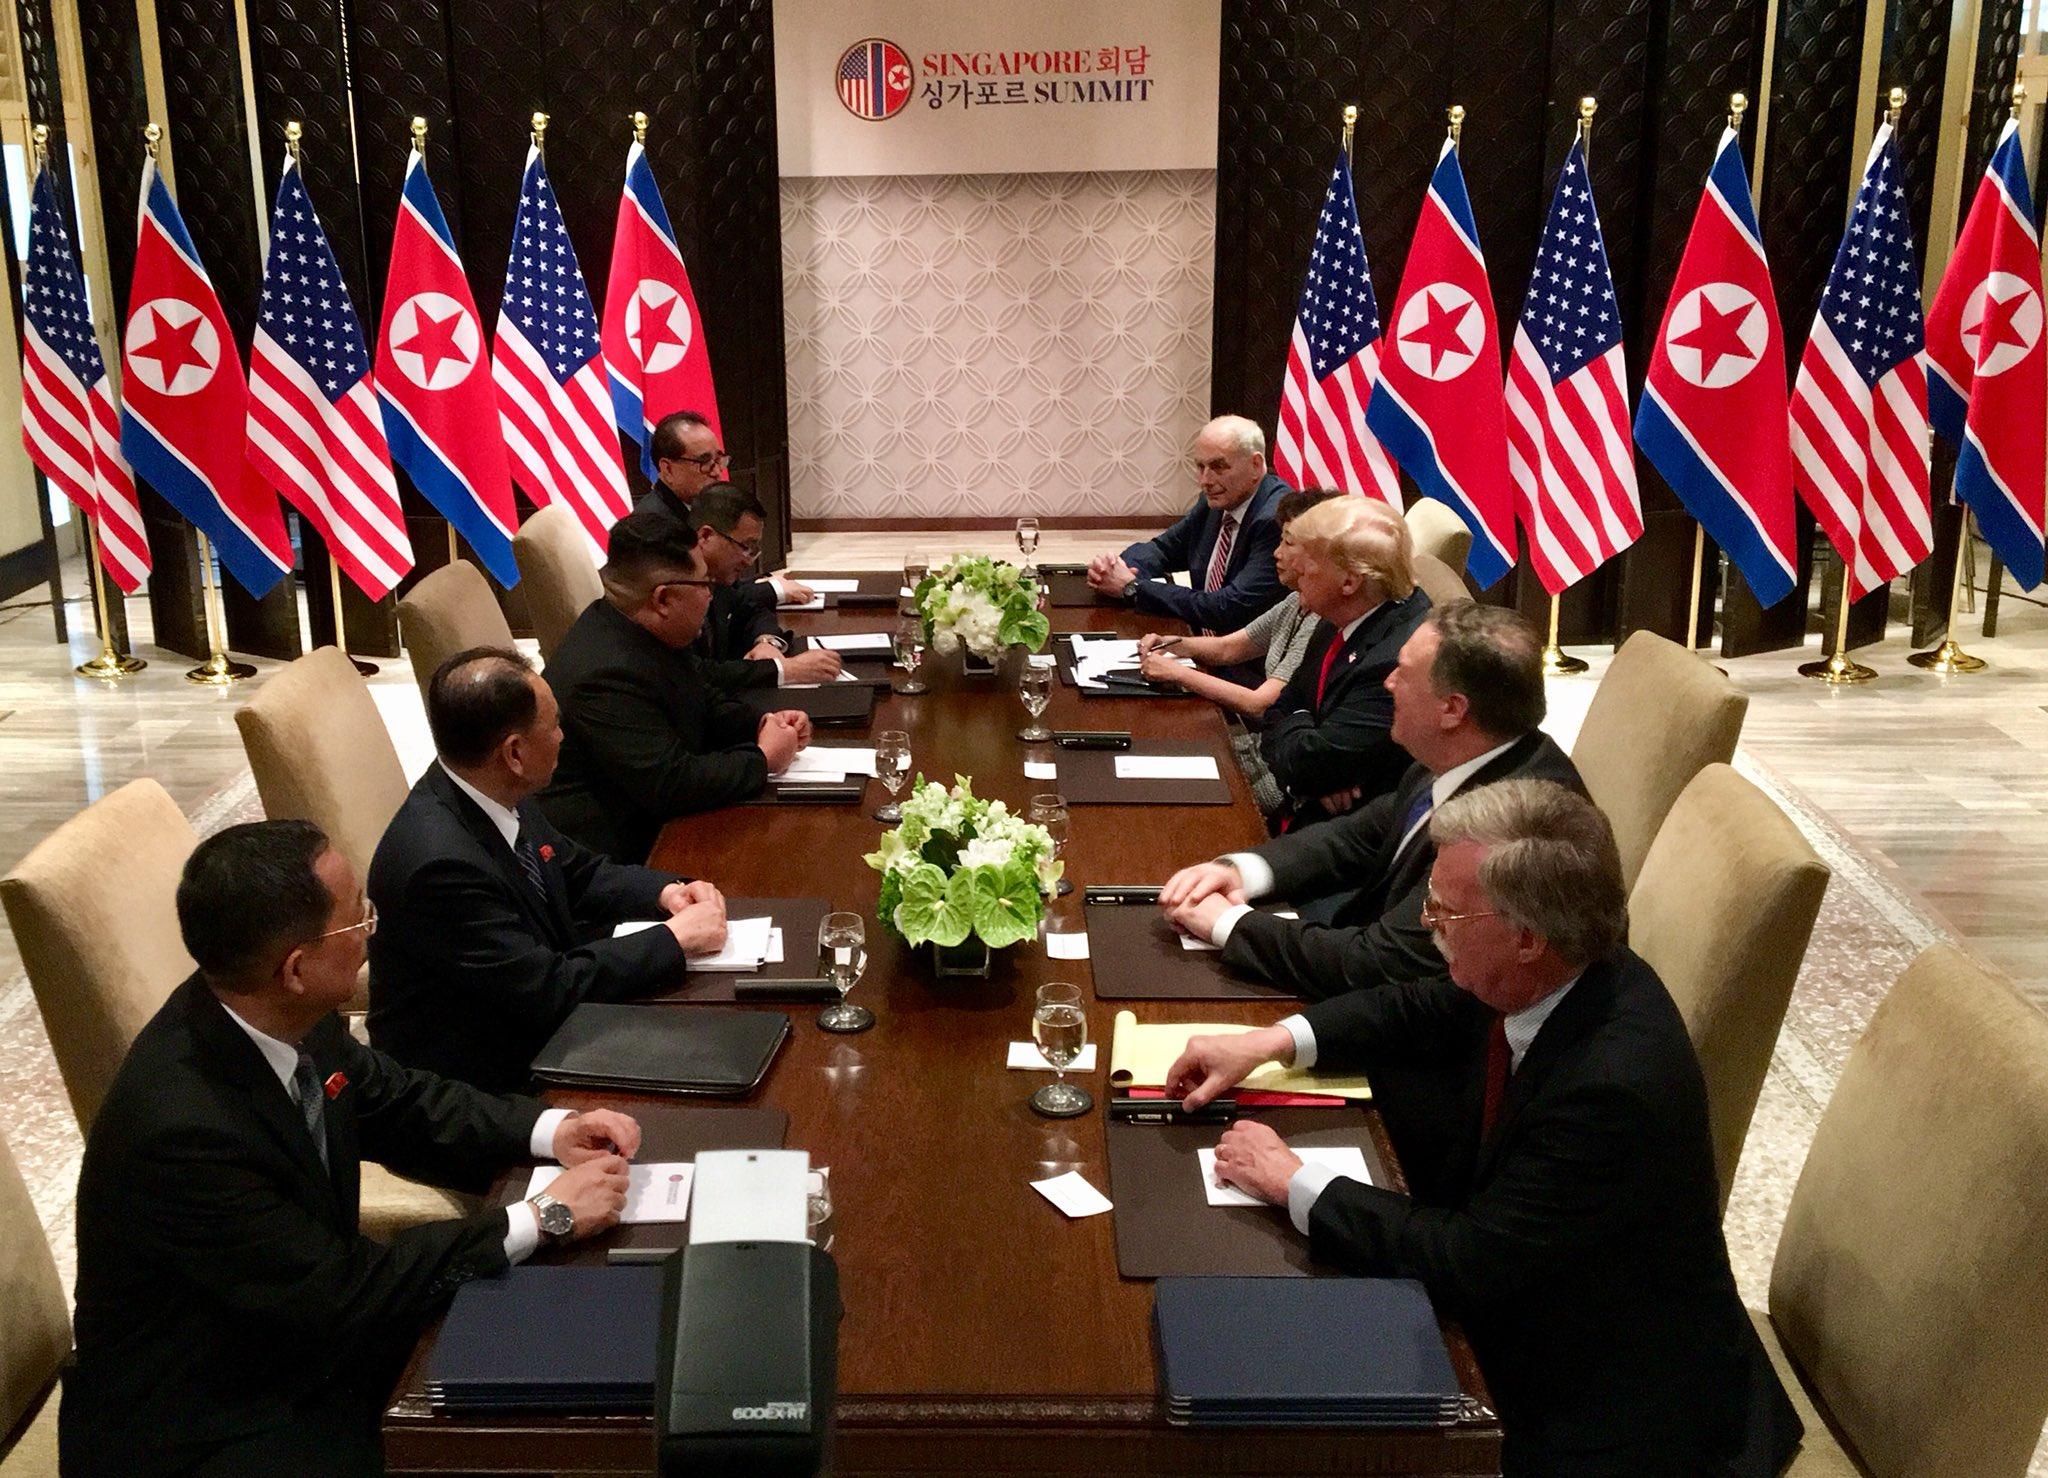 Rencontre Trump/Kim: Une poignée de main historique